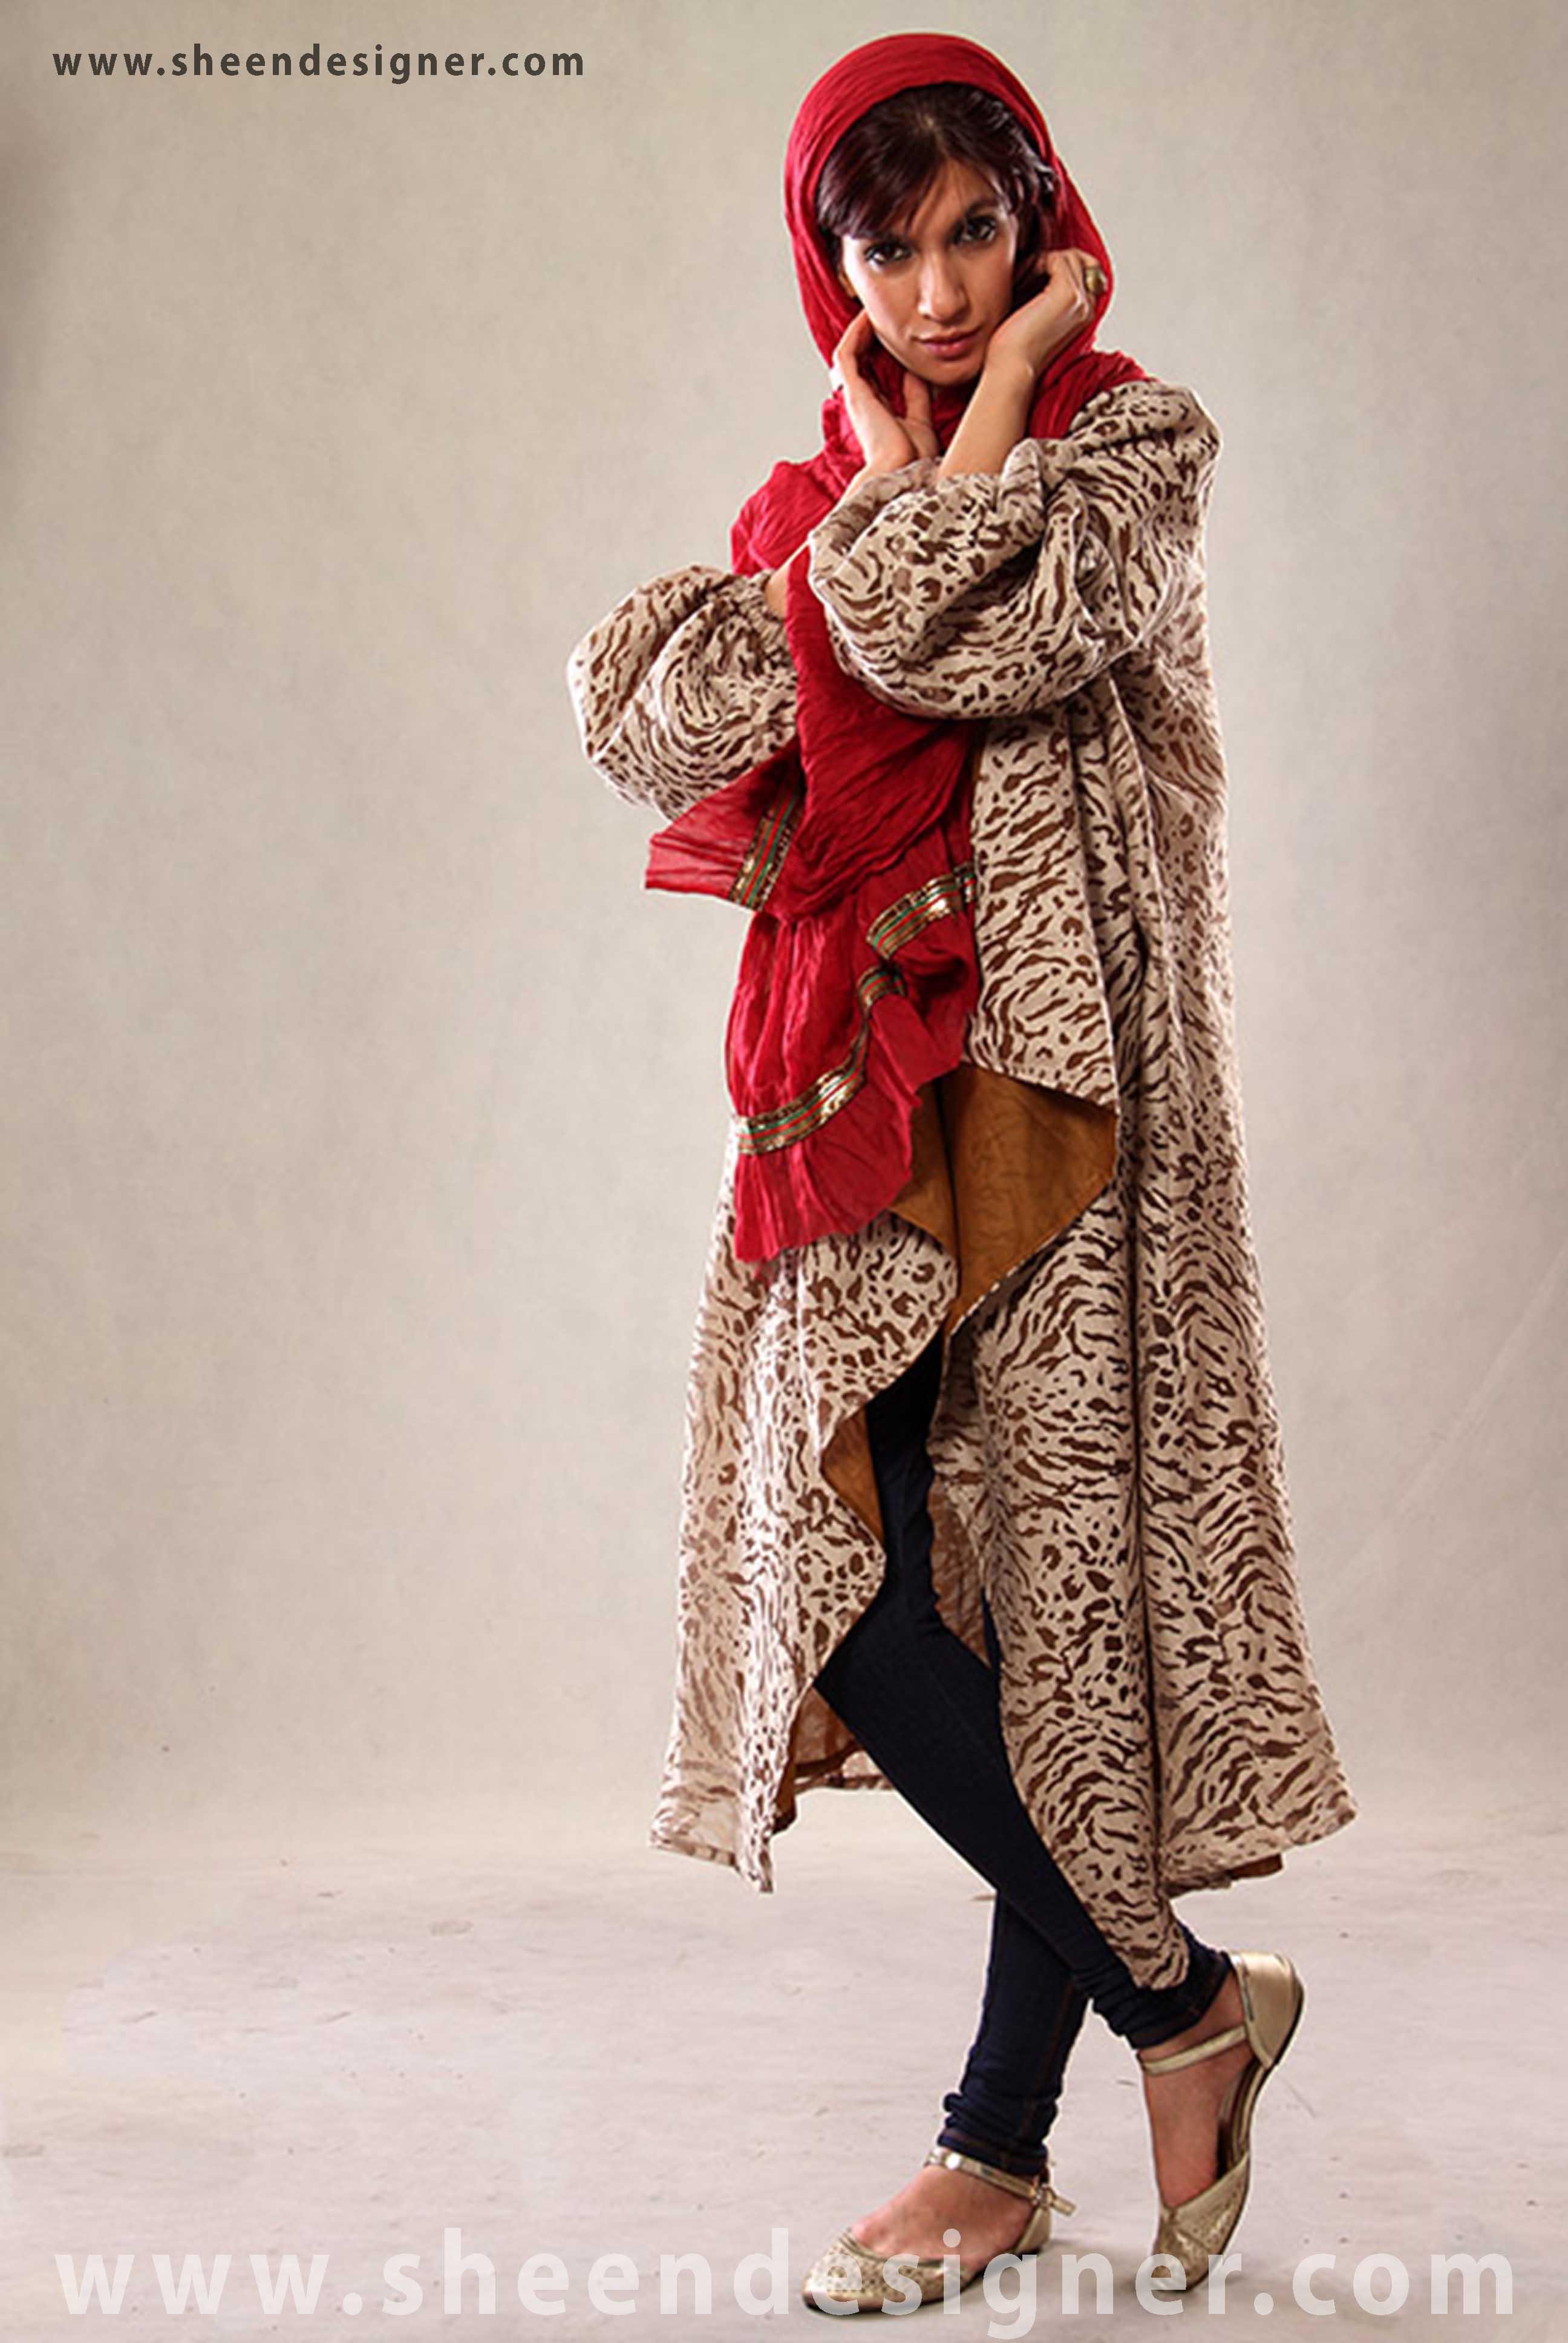 مانتوهای جدید دا بازیگران جدیدترین مدل آرایش صورت به سبک هندی تصاویر , جدیدترین تصاویر اینستاگرام رضا عطاران , جدیدترین تصاویر بازیگران در شبکه...